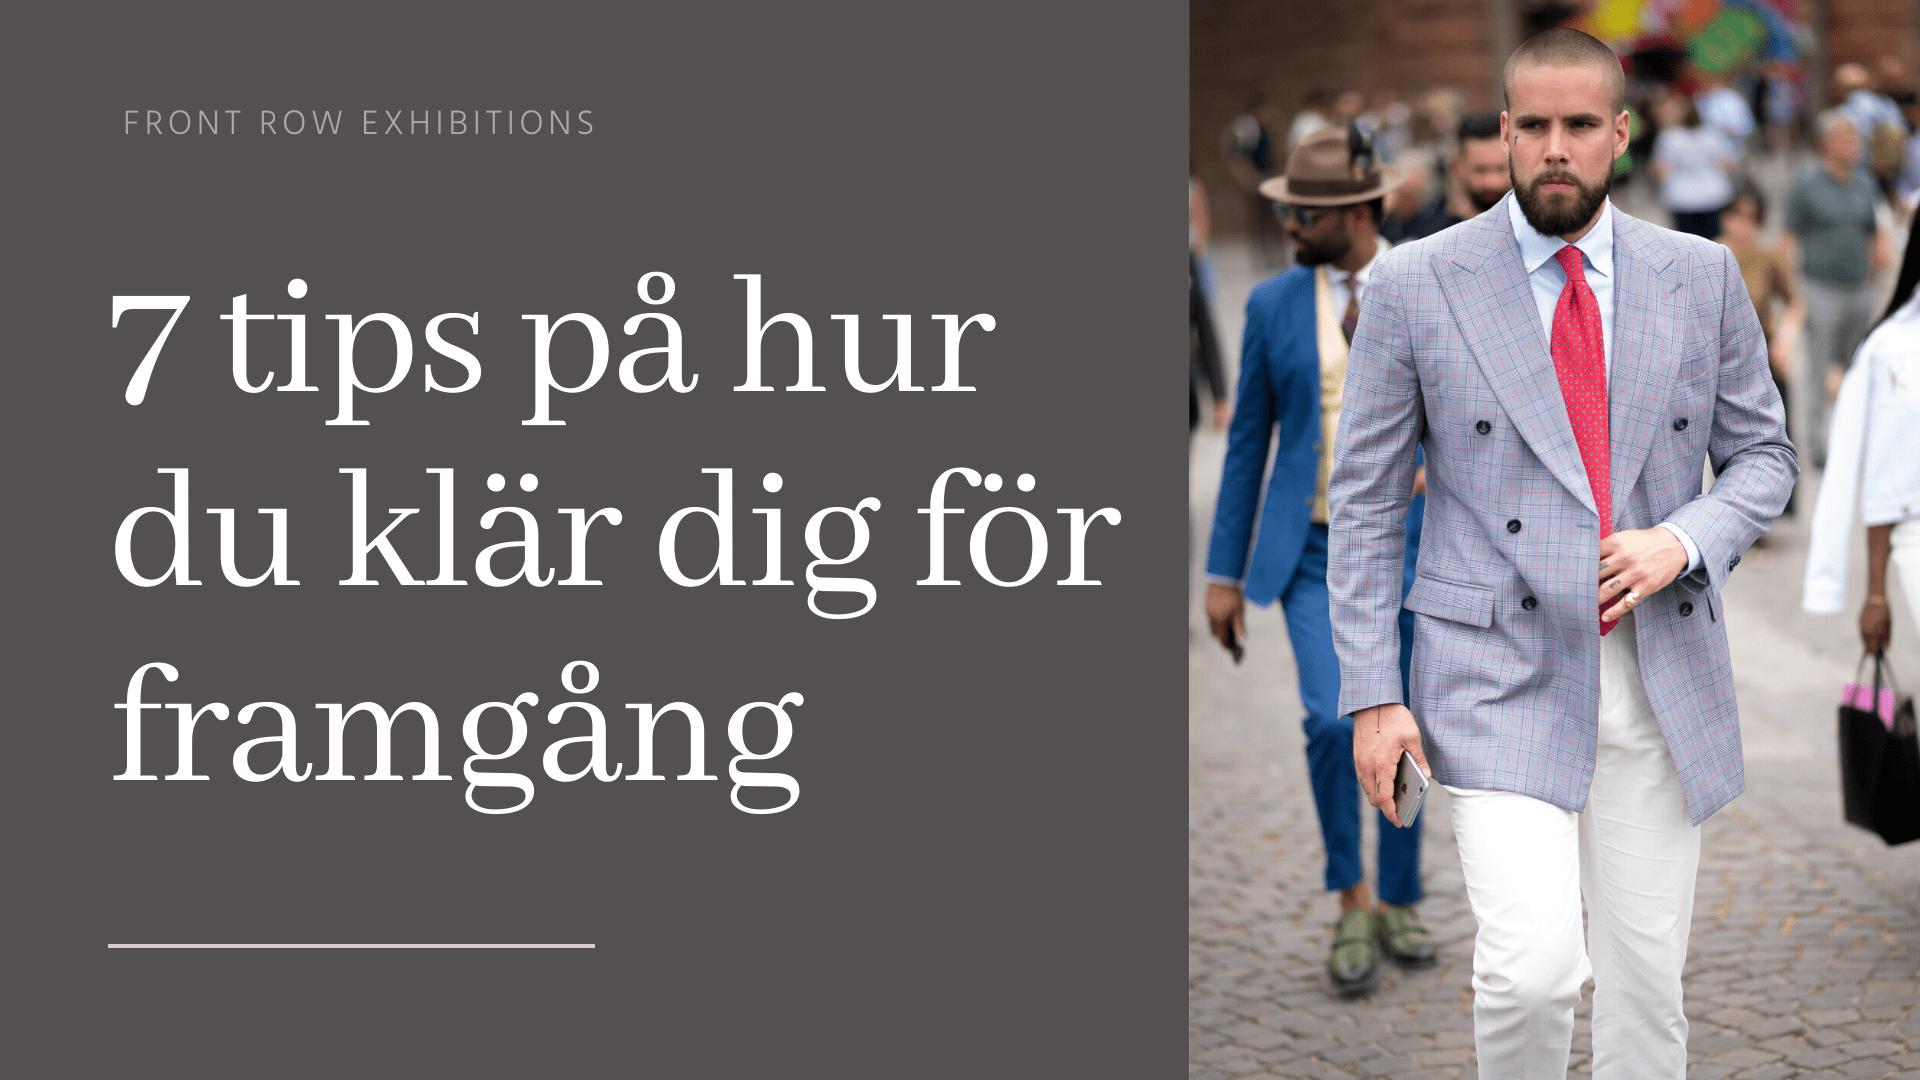 Så här påverkar kläder din framgång Front Row Exhibitions Framgångstips